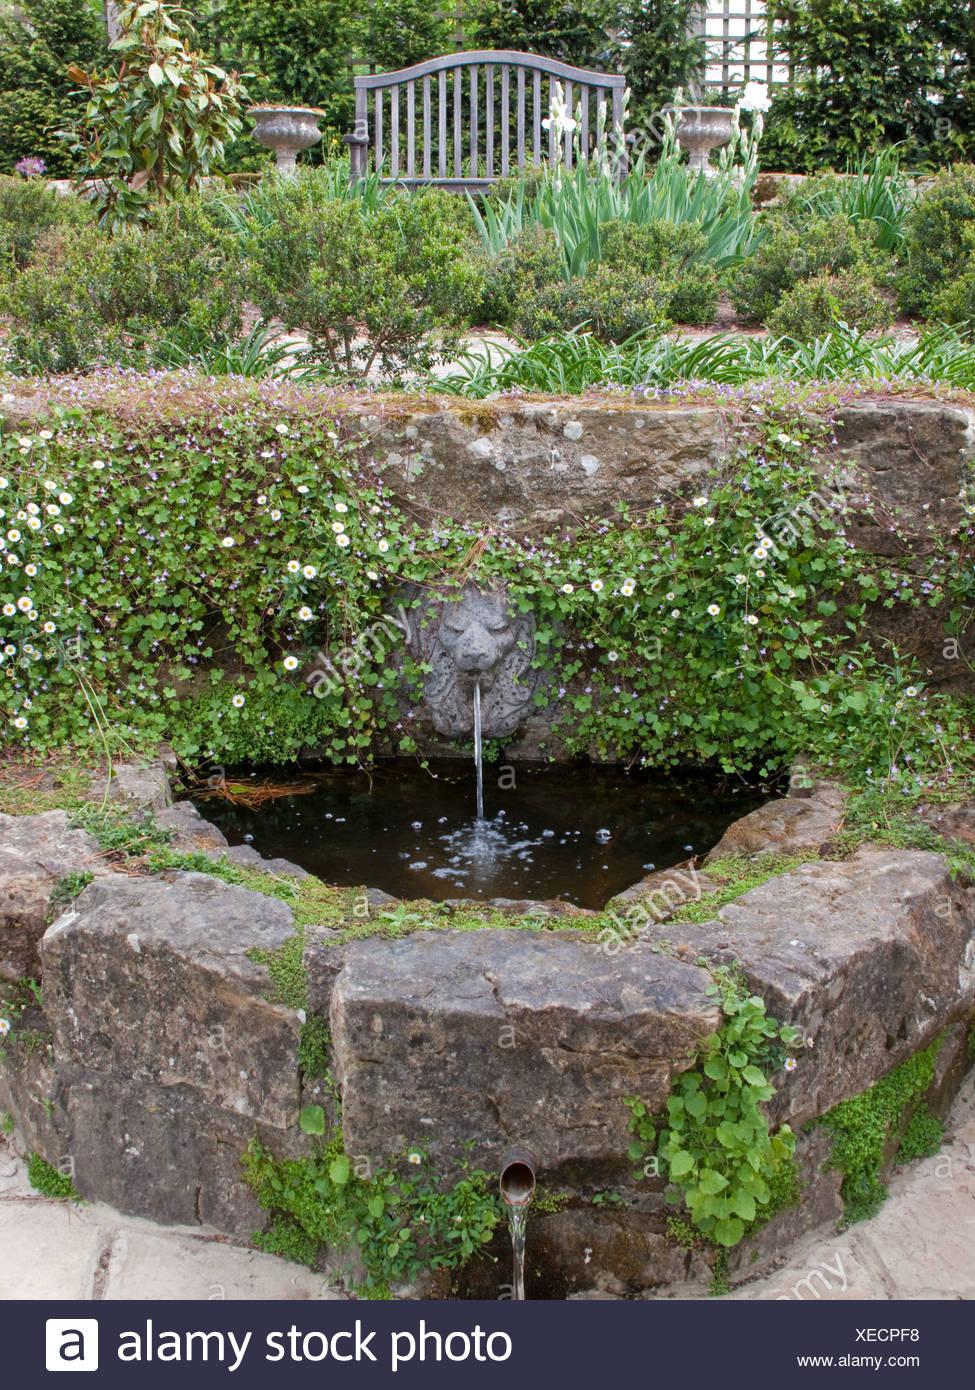 garten der lowe wasser auslauf uber den italienischen garten in borde hill futterung der kleinen bachlein in den pool oben ist eine terrasse xecpf8